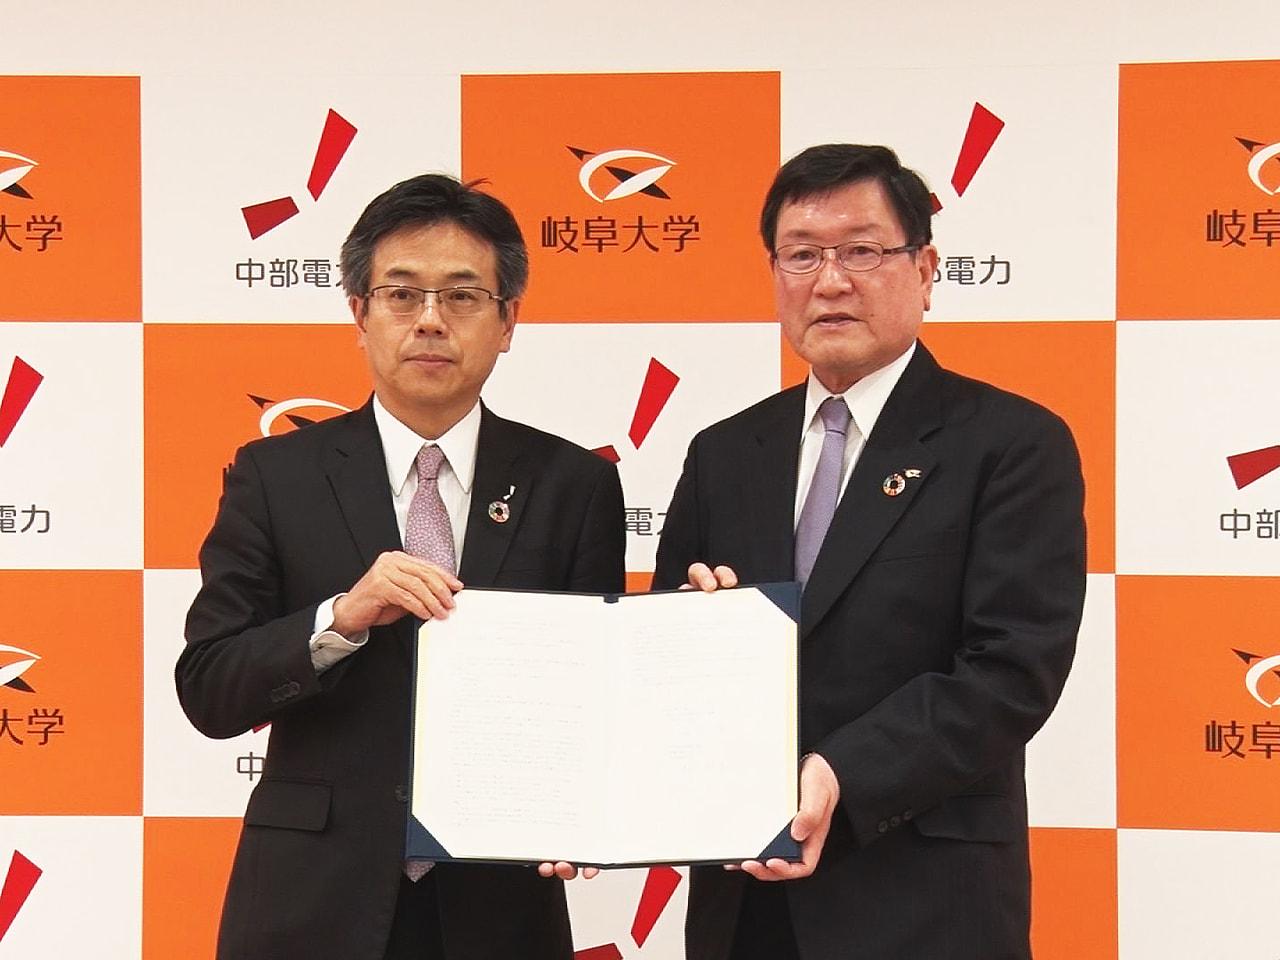 岐阜大学と中部電力は26日、人口減少や防災など地域の抱える課題に、連携して取り組...